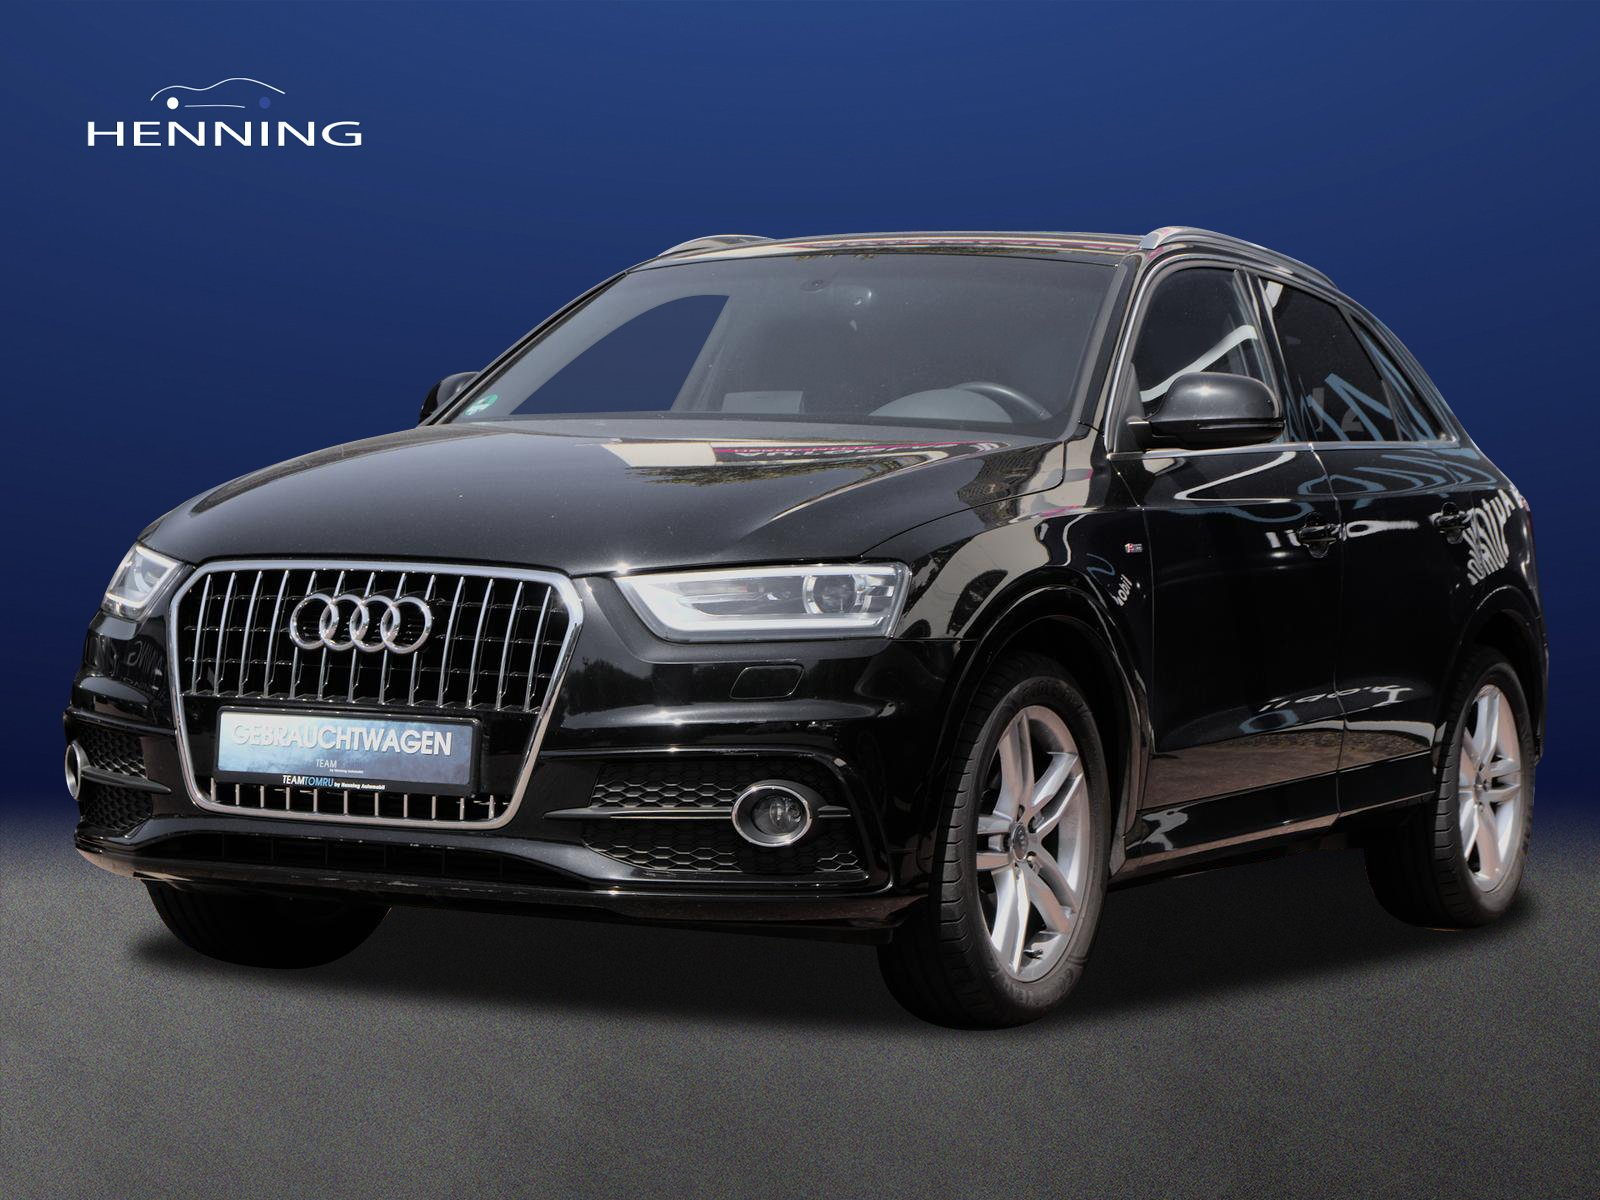 Audi Q3 2.0 TFSI quattro*S-line*DSG*Xenon*Navi*, Jahr 2013, Benzin